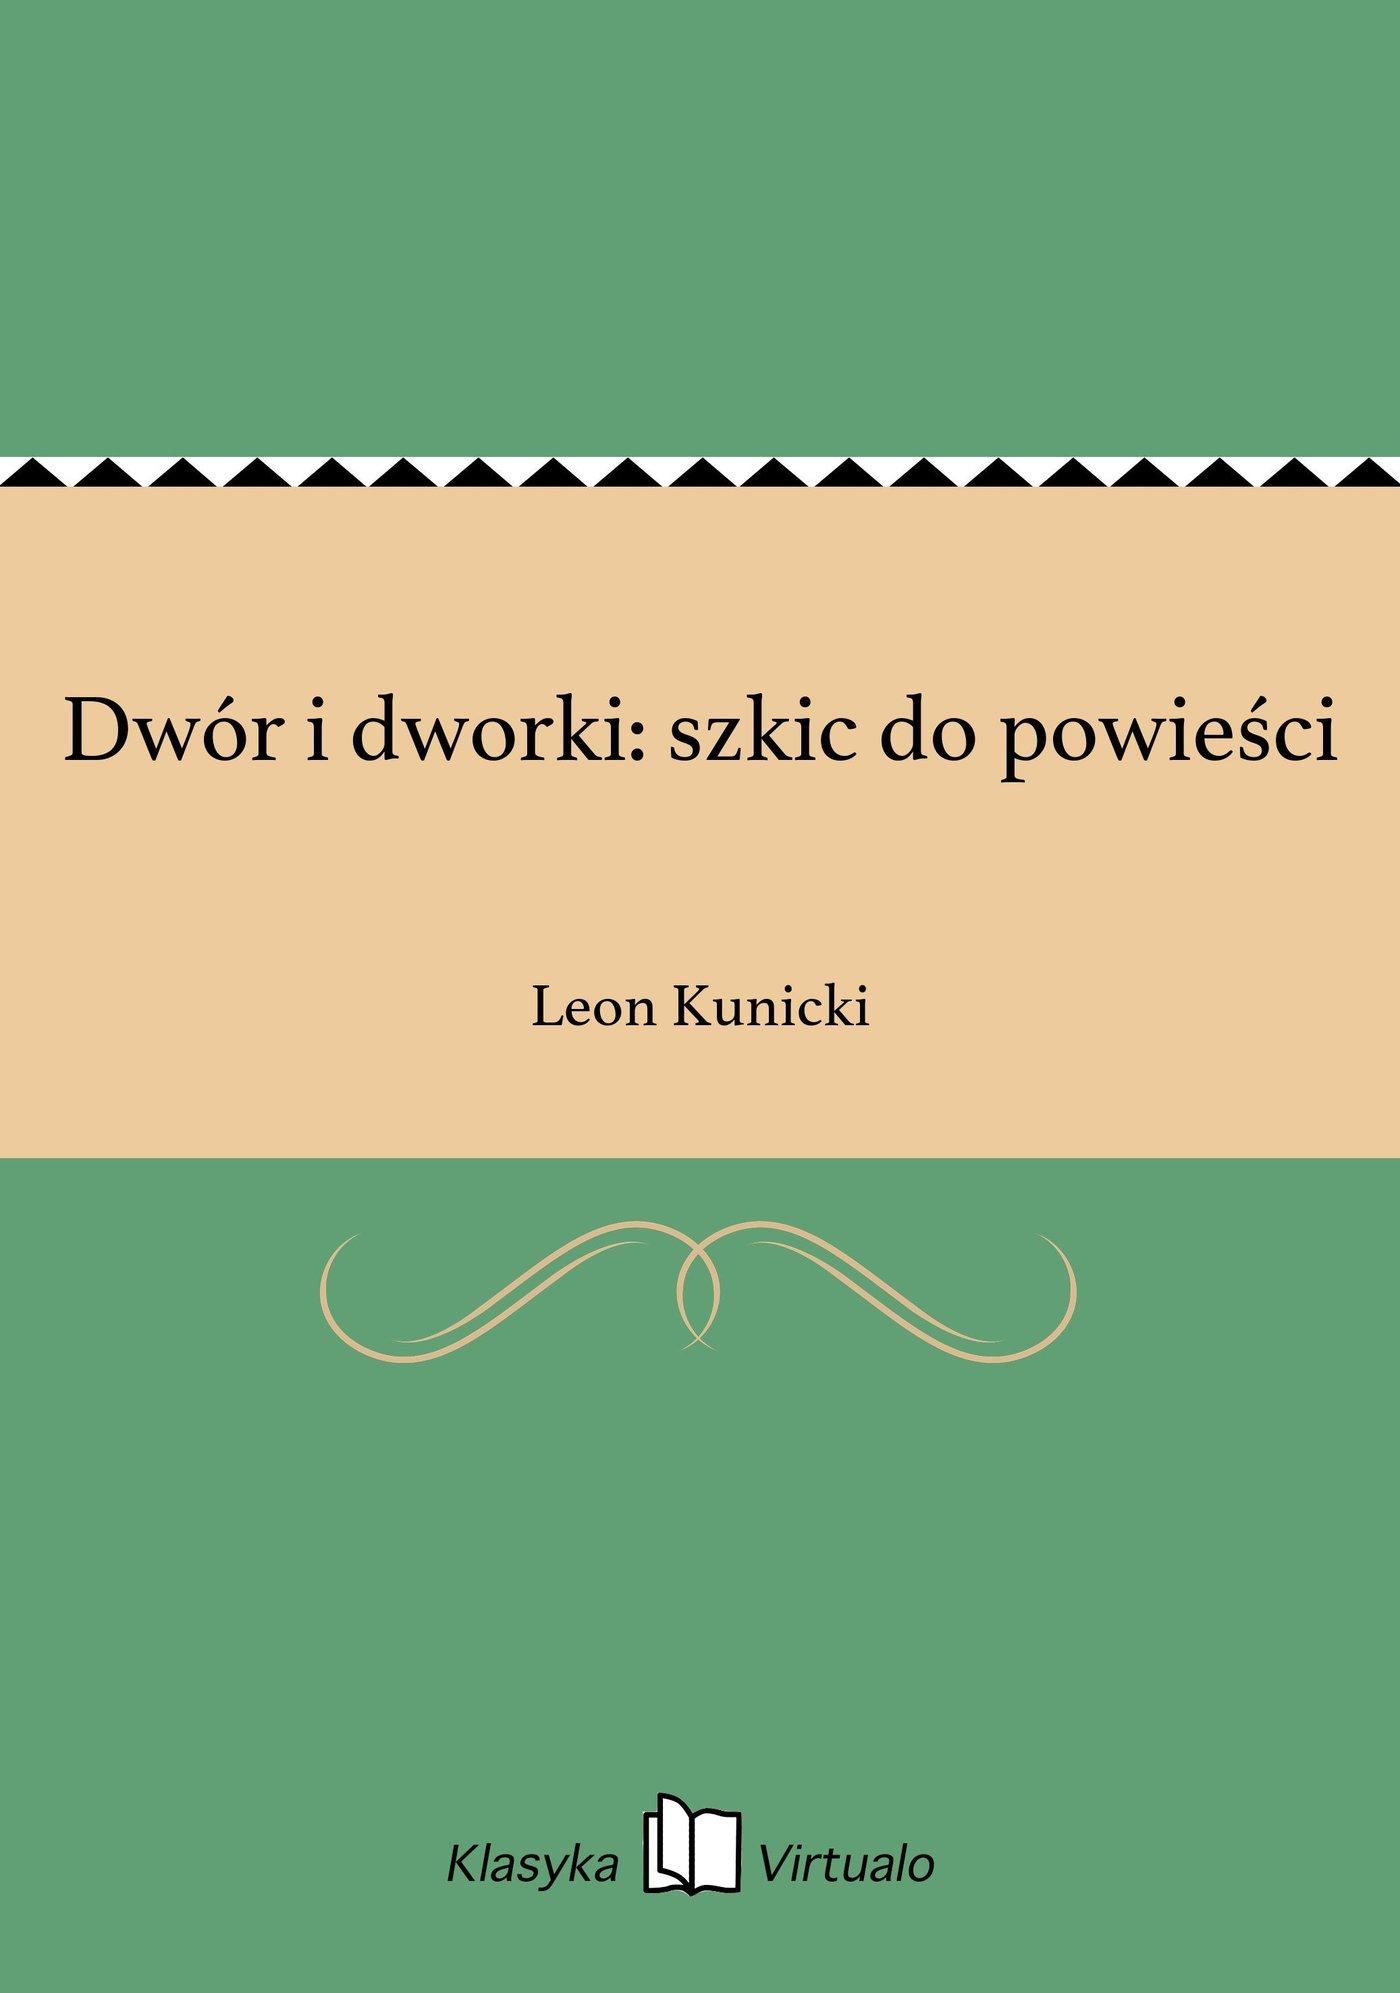 Dwór i dworki: szkic do powieści - Ebook (Książka na Kindle) do pobrania w formacie MOBI